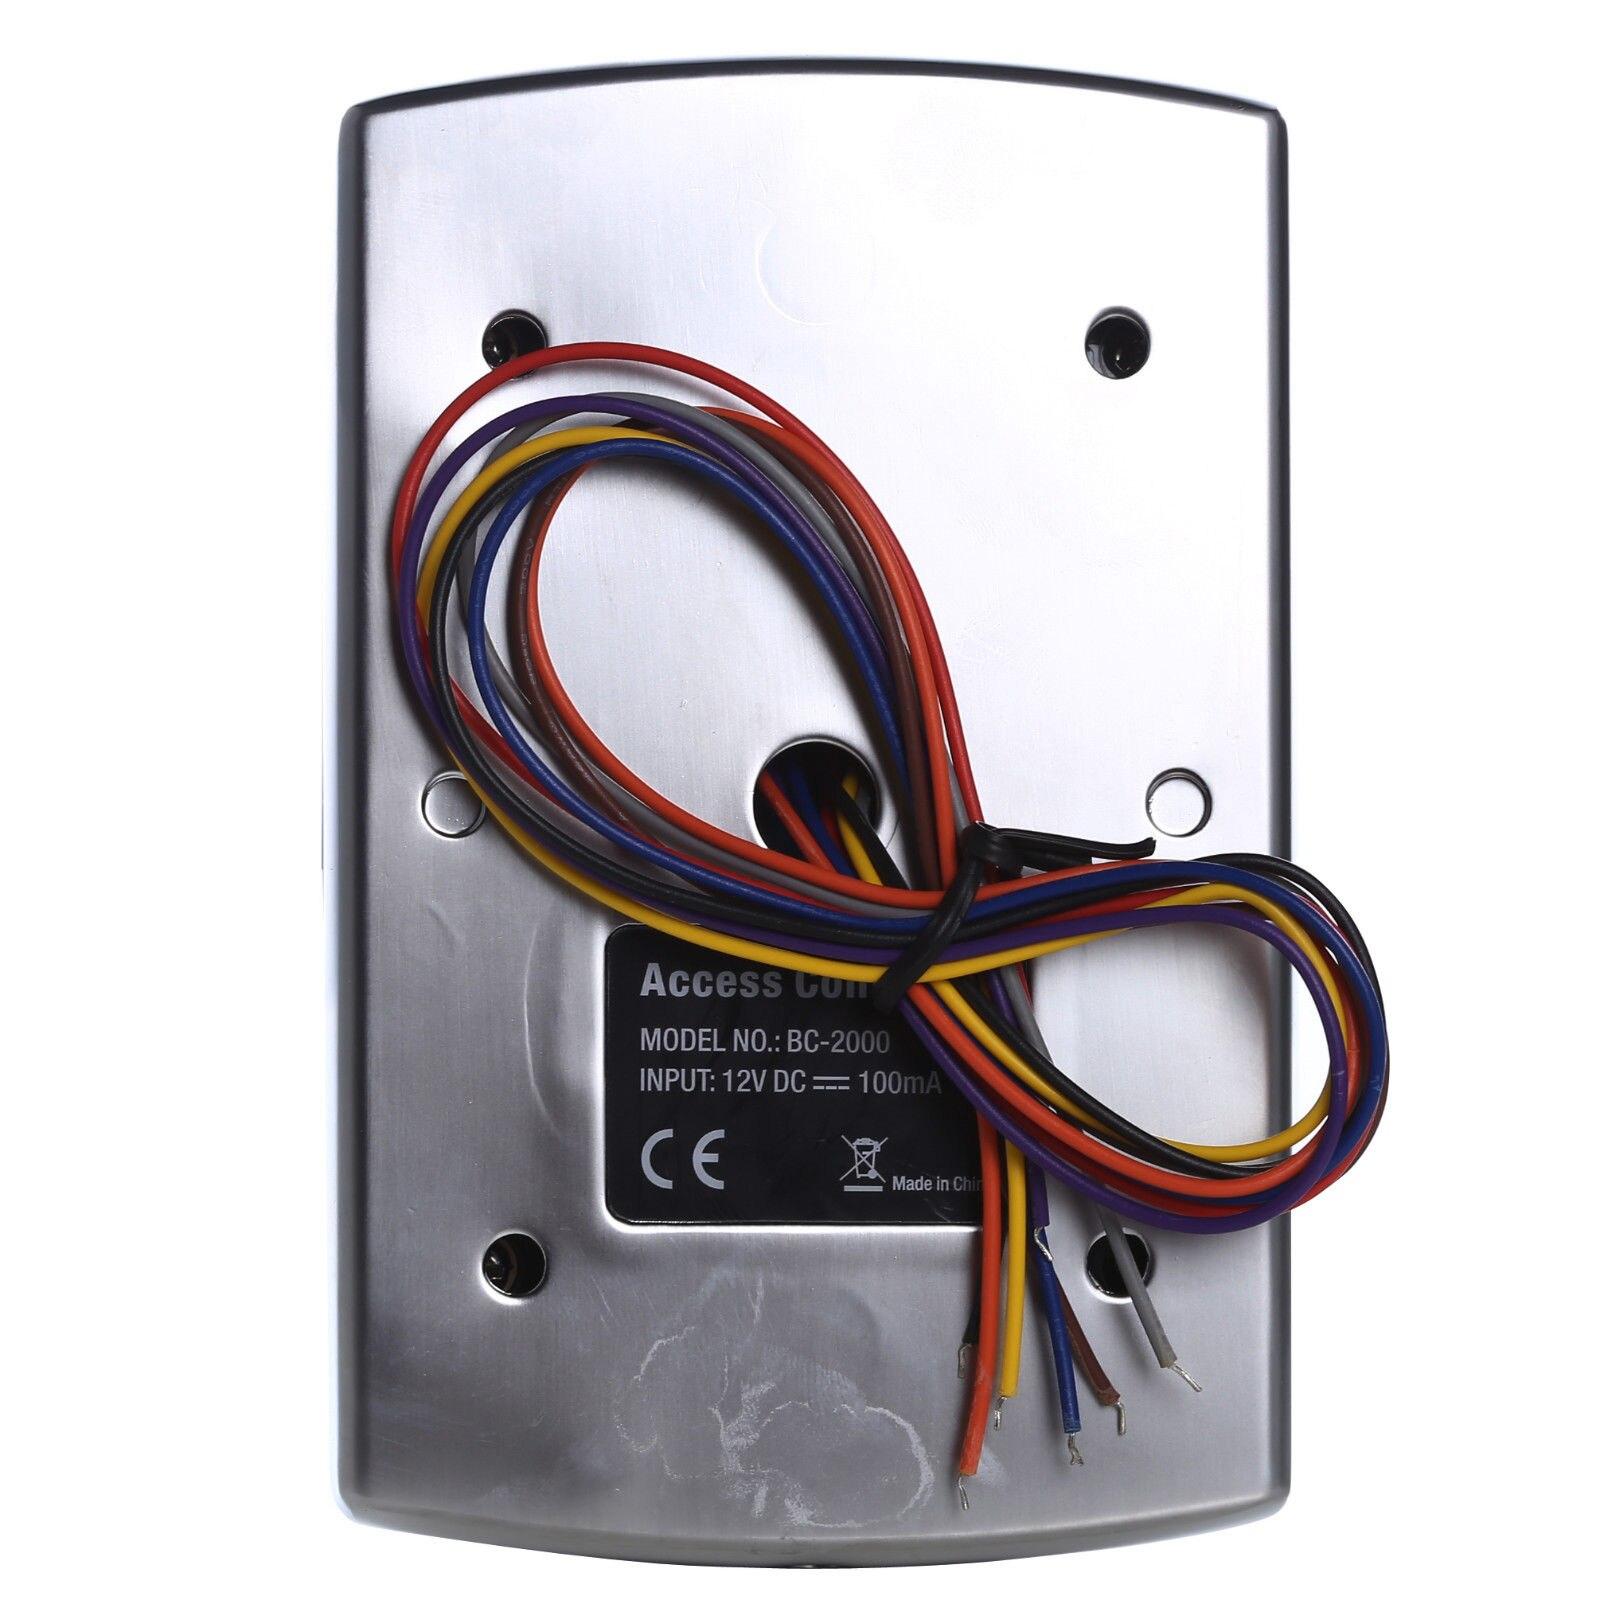 Sebury BC-2000 125 кГц RFID EM пропуск металлическая автономная клавиатура управления доступом с Брелоки для ключей с бирками